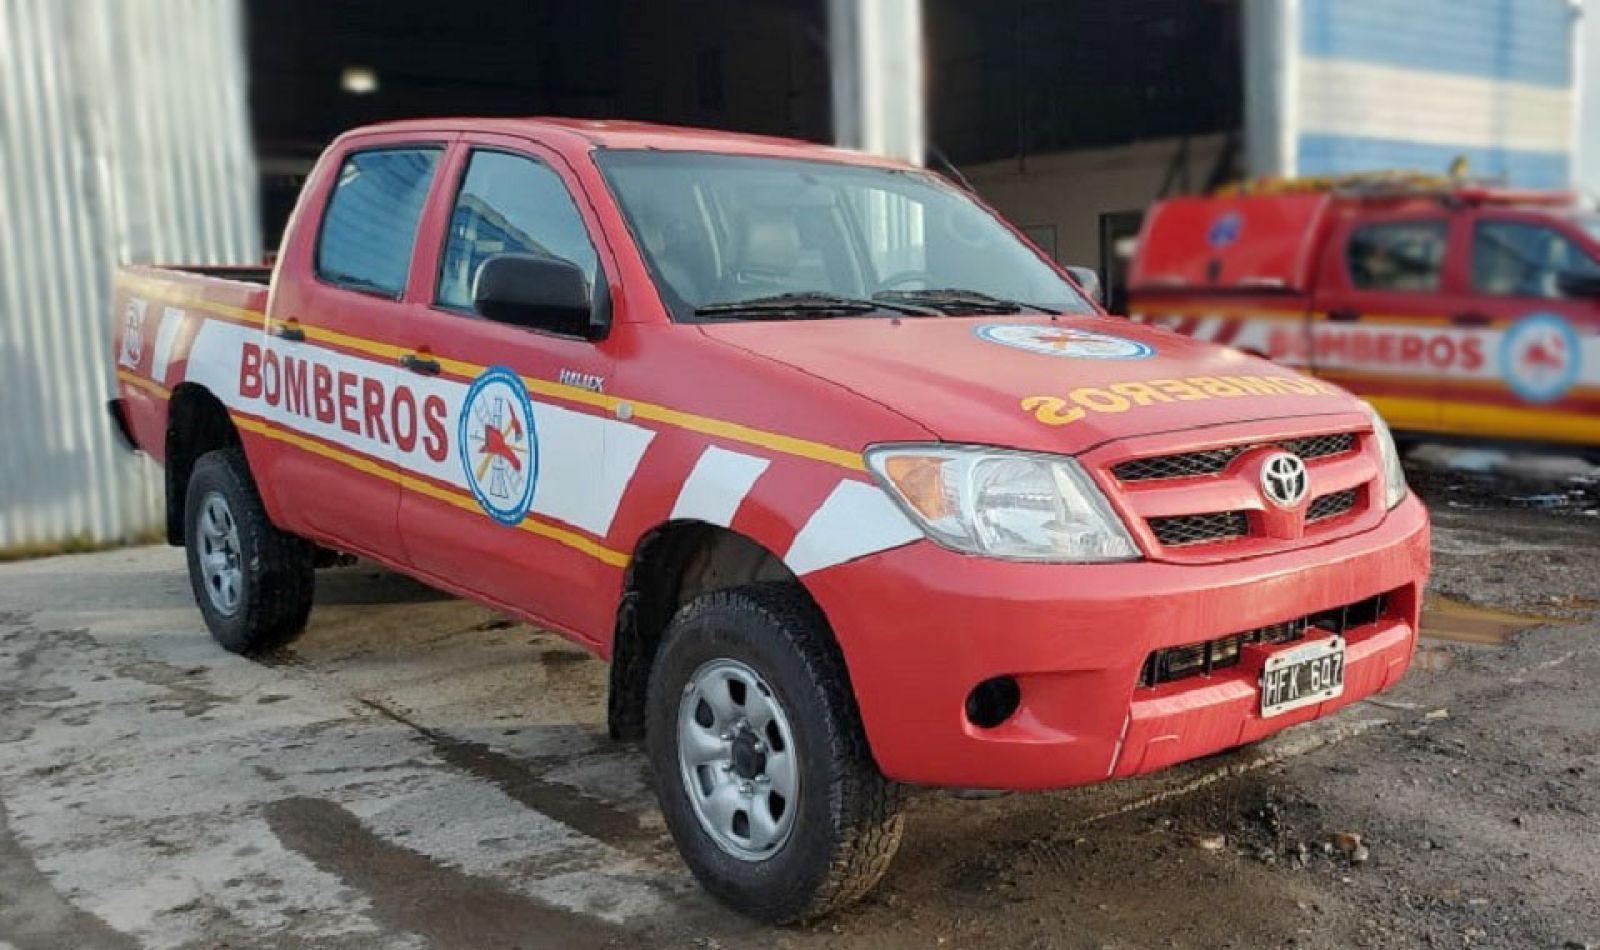 Bomberos Tolhuin recuperó una unidad 4x4 que se sumó a su dotación de emergencias.